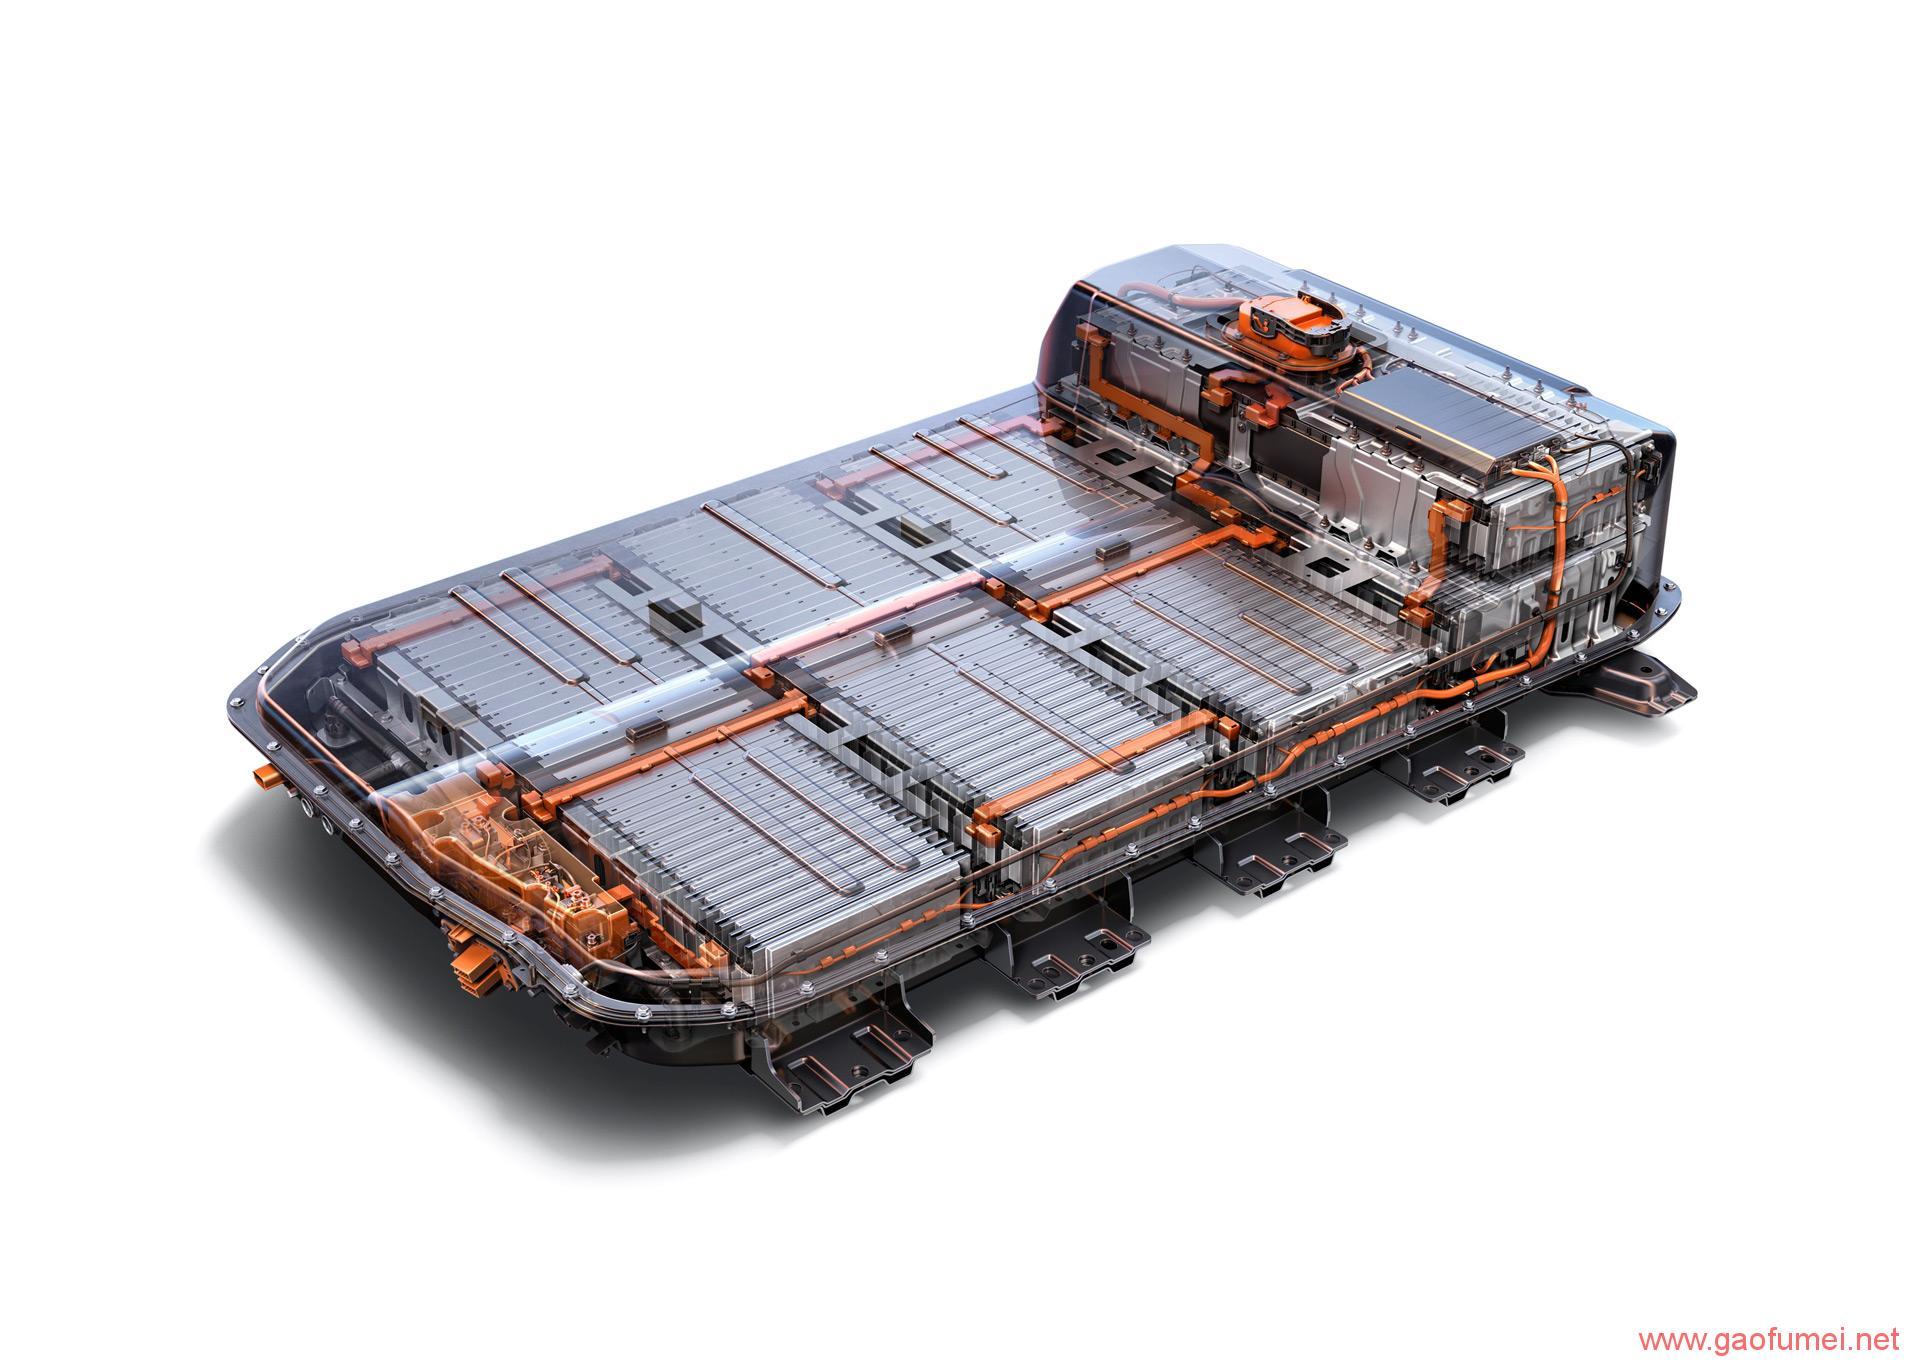 傲人的性能背后特斯拉电动卡车有着哪些隐忧